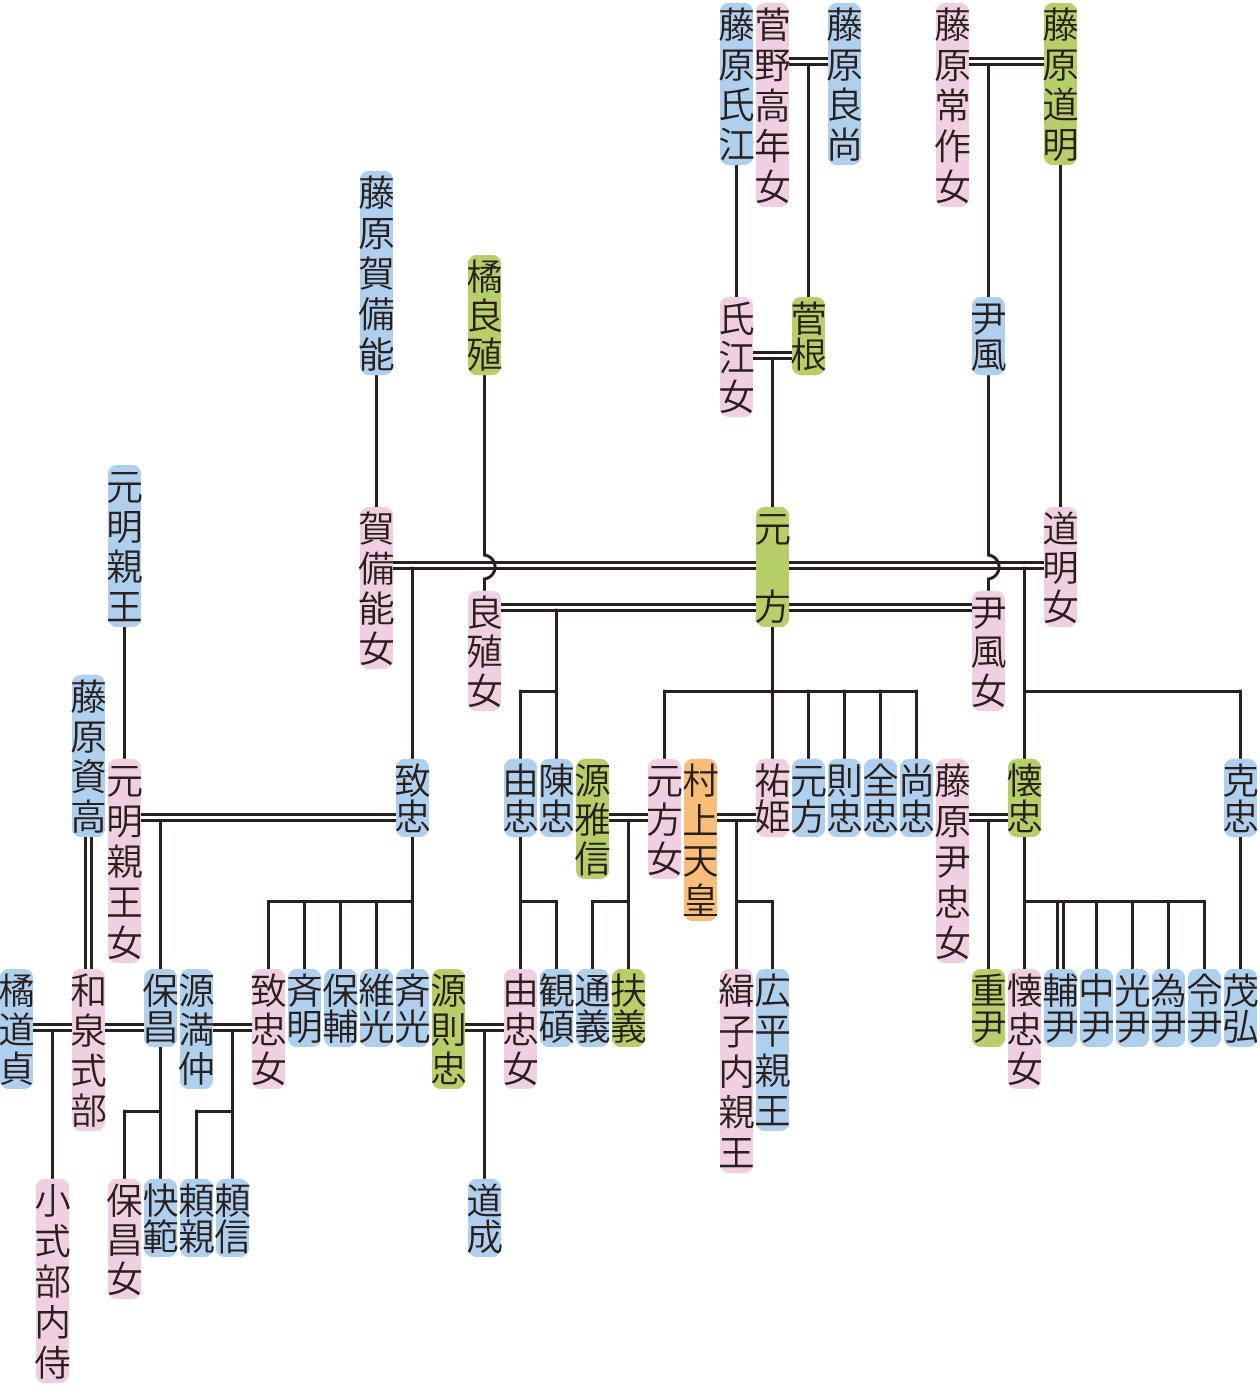 藤原元方の系図